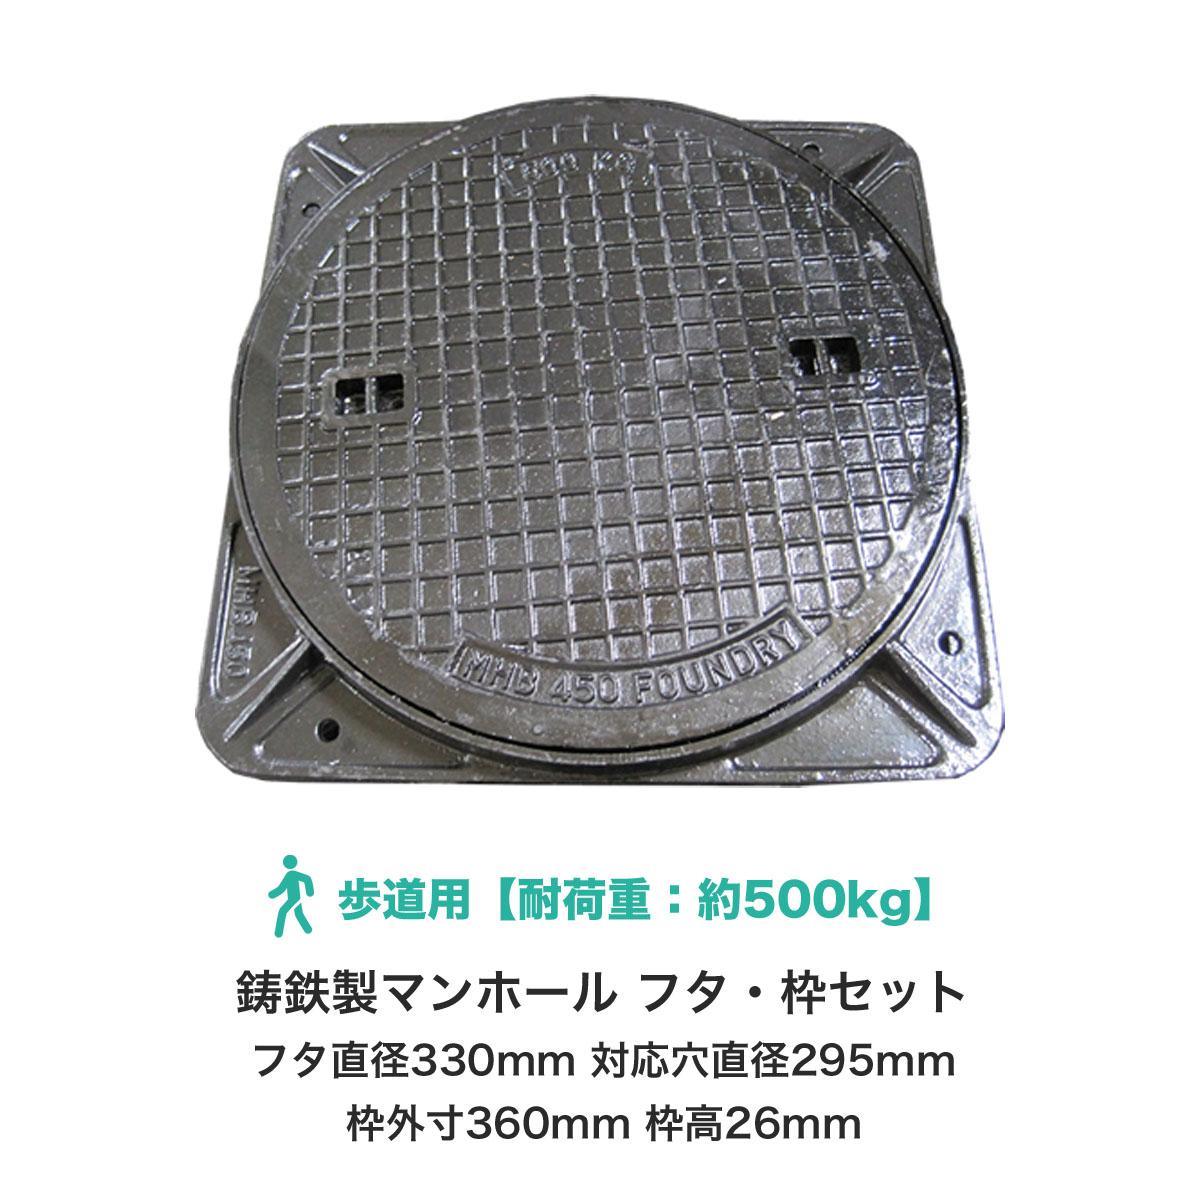 鋳鉄製 マンホール (歩道用) フタ+枠セット フタ直径330mm (直径29.5cmの穴に対応) tt-mkc330